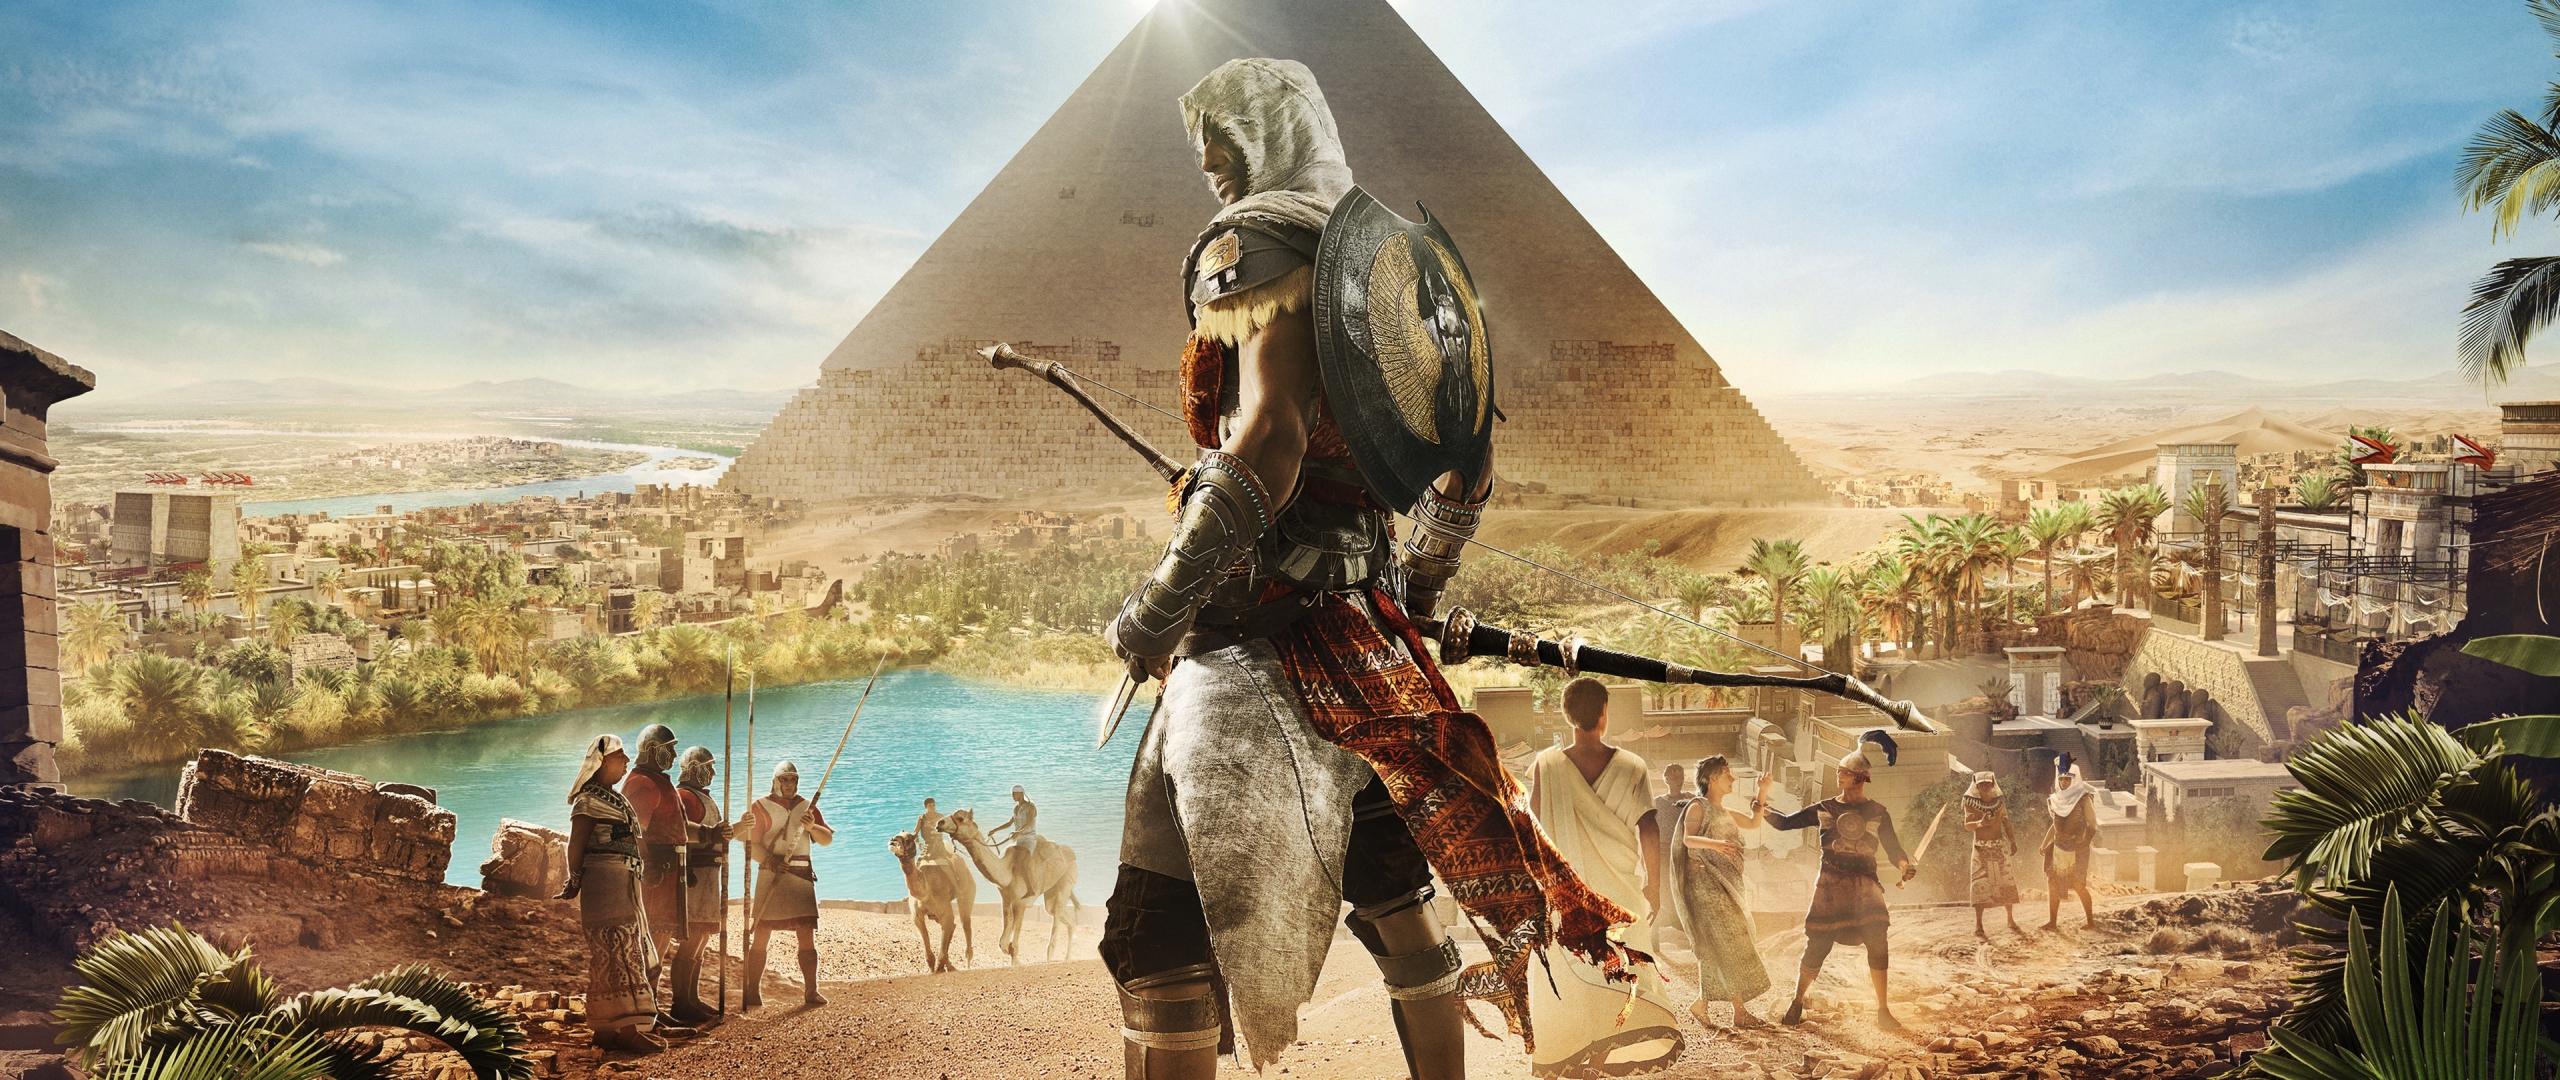 Download 2560x1080 Wallpaper Assassins Creed Origins